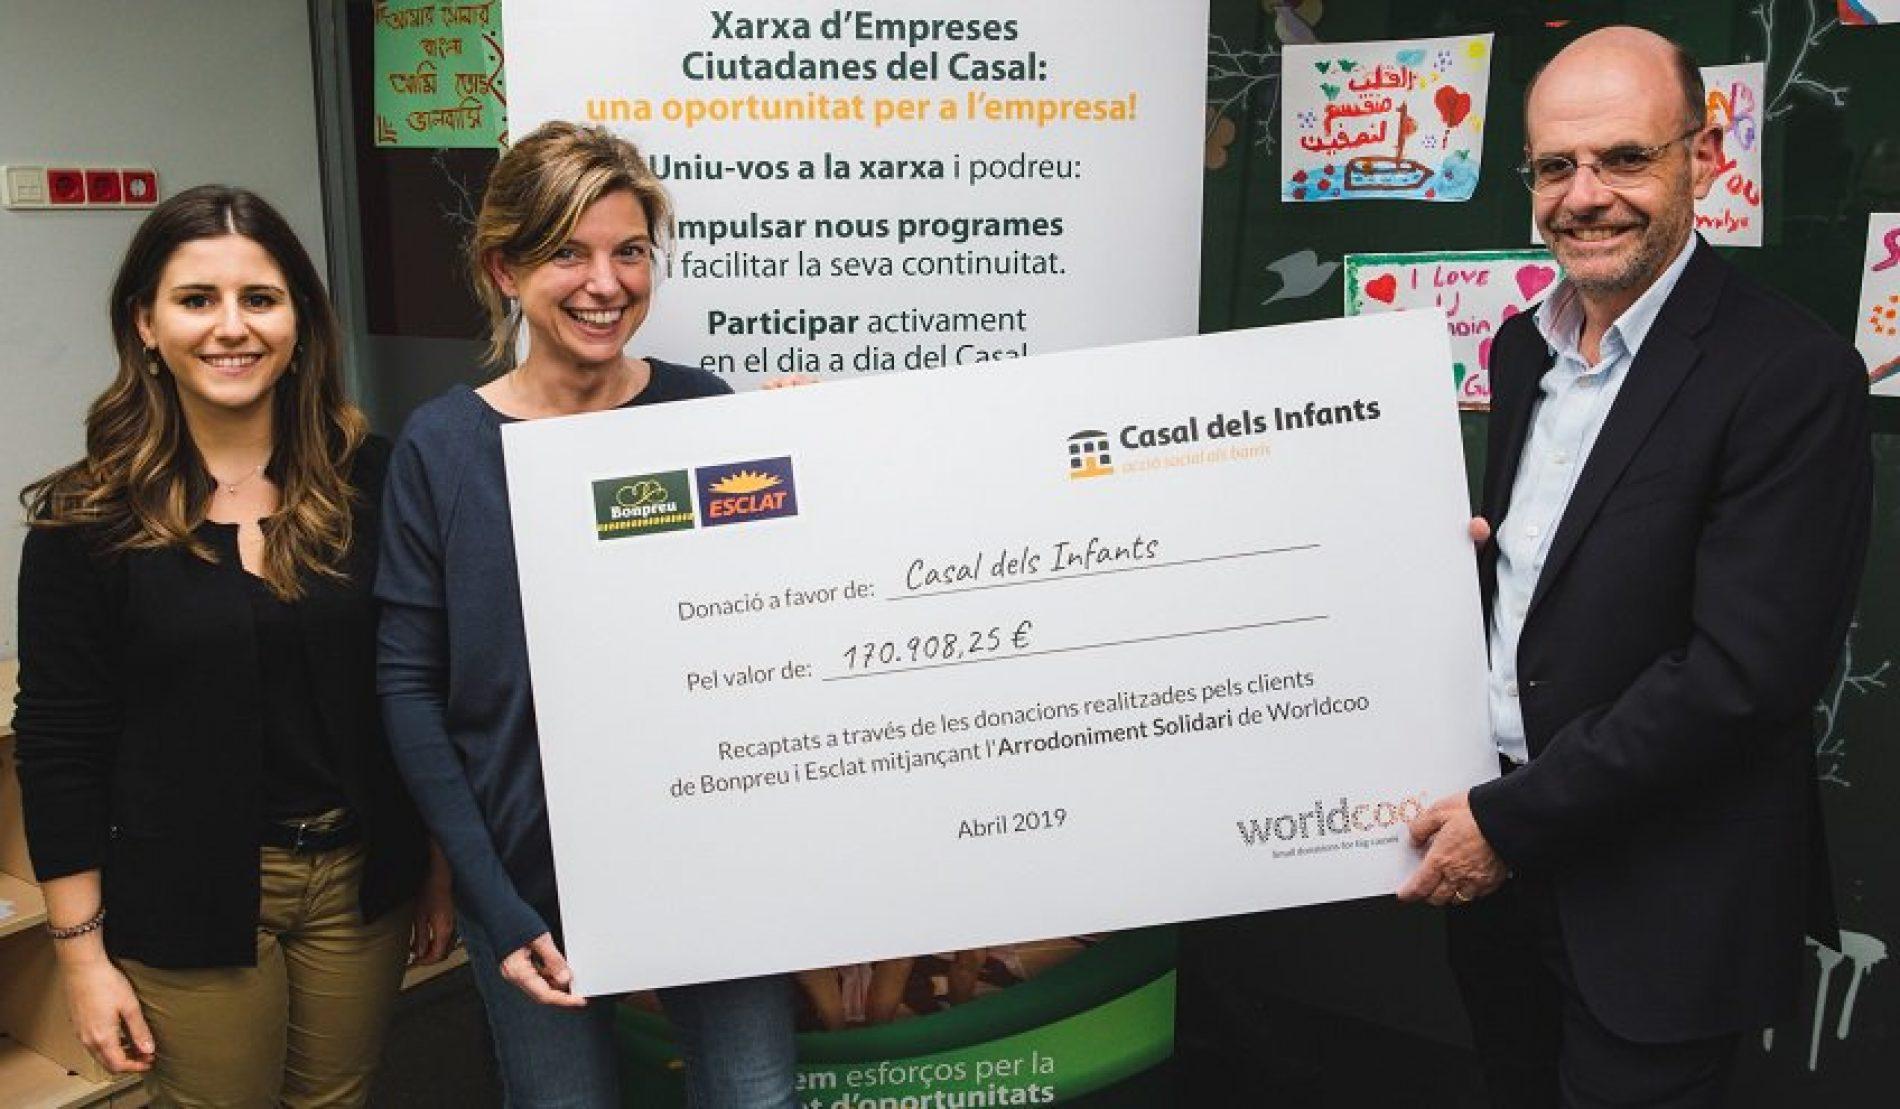 Bonpreu i Esclat recapta en menys de dos mesos 170.000 € per causes socials